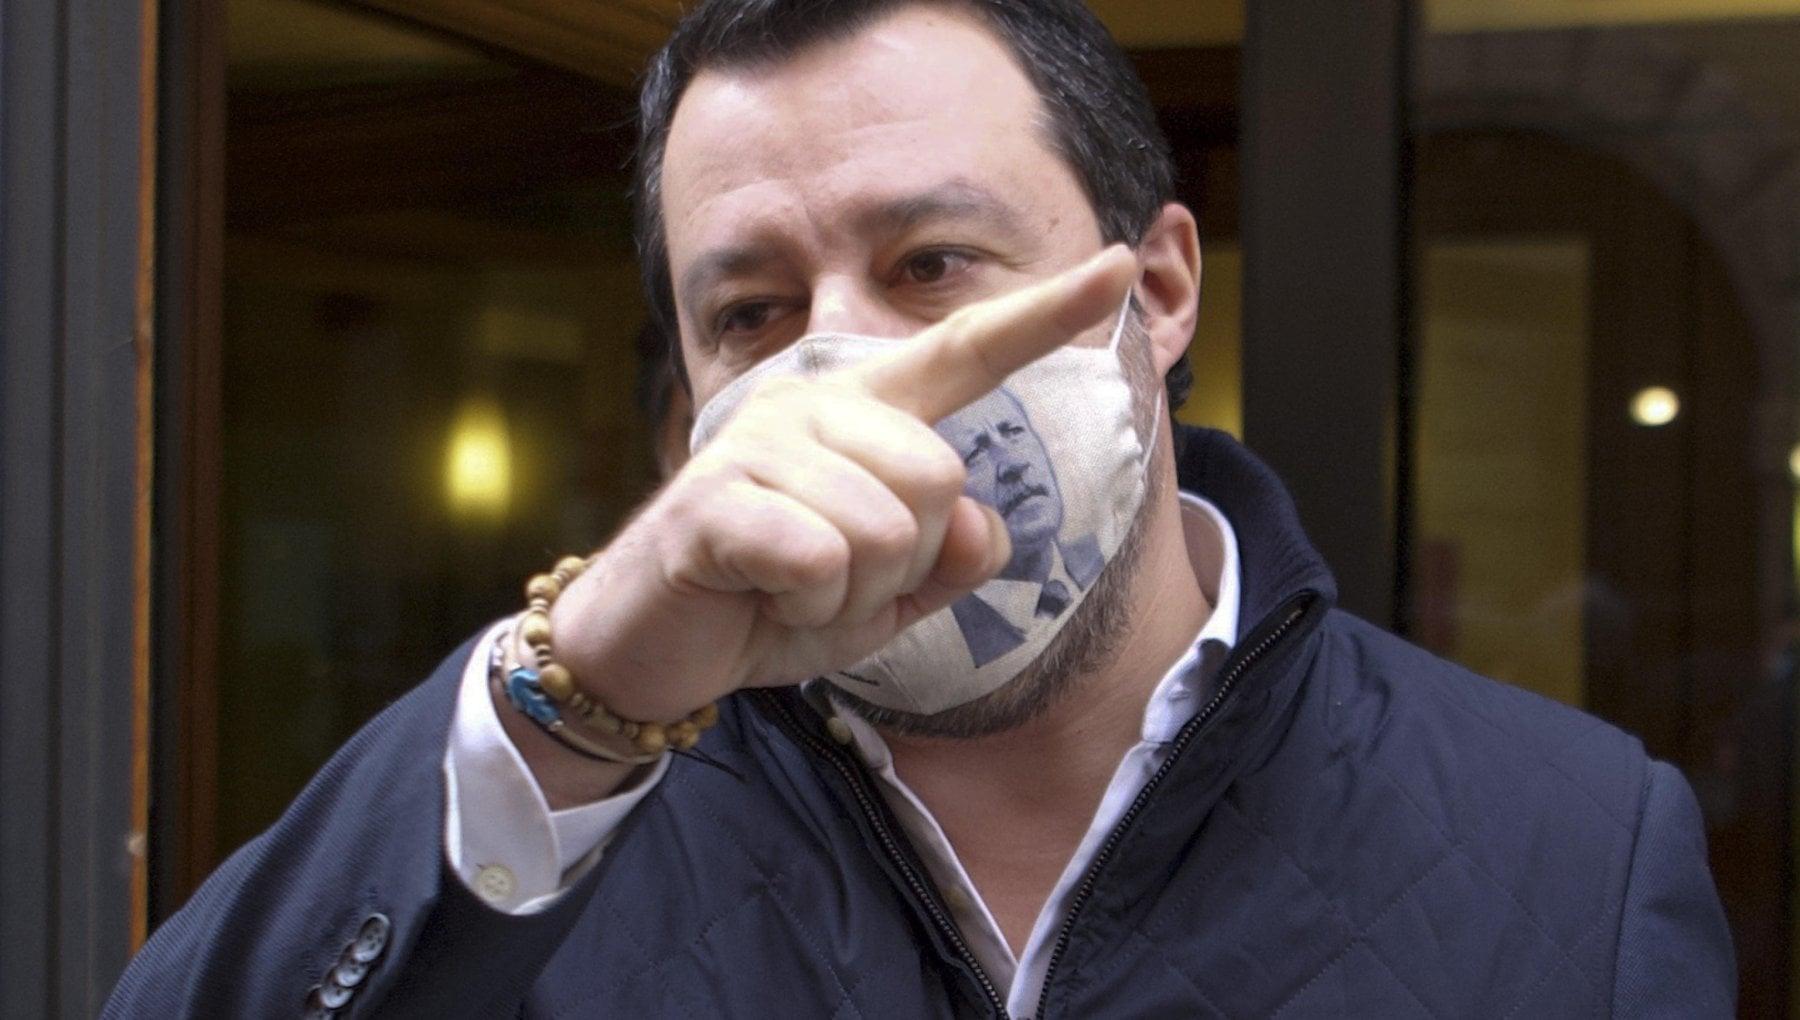 Lega Salvini attacca la giornalista Rai Sala e scatena lodio dei followers